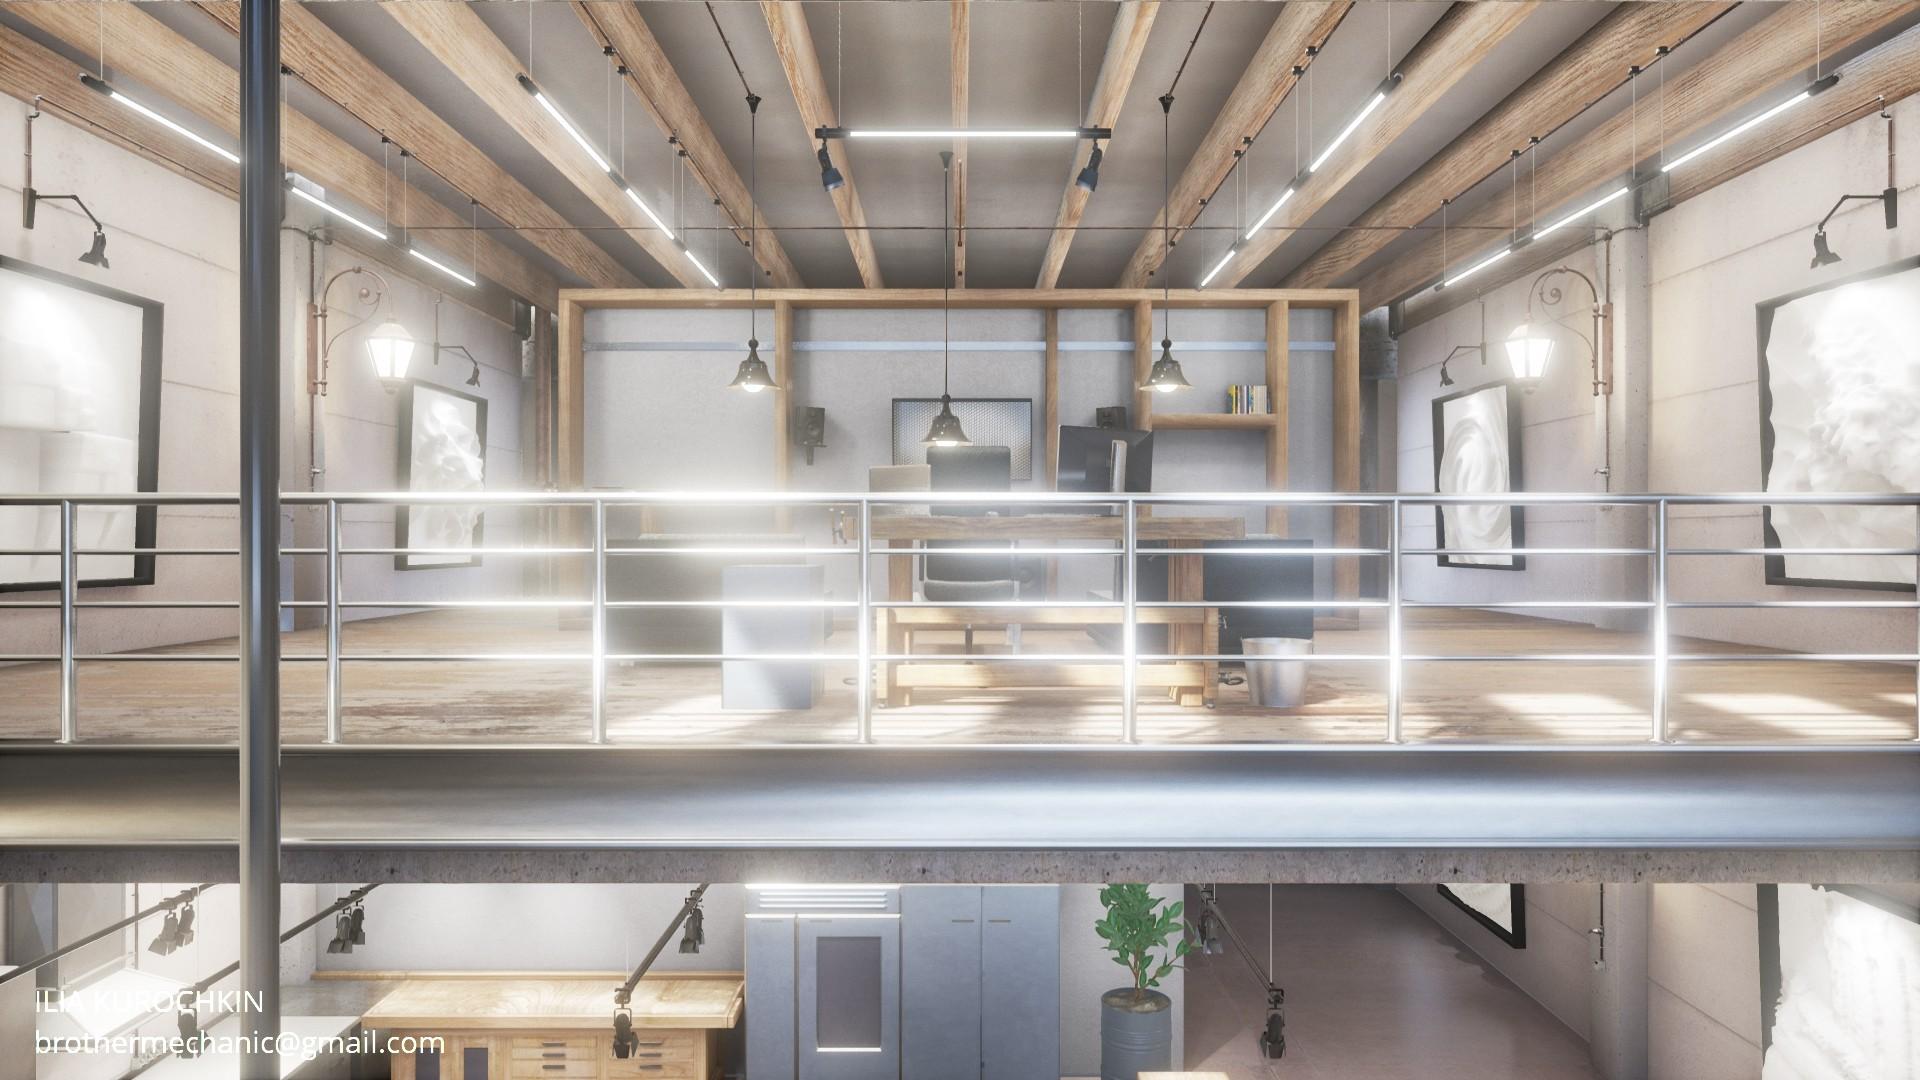 Video industrial interior blendernation - Industrial interior ...